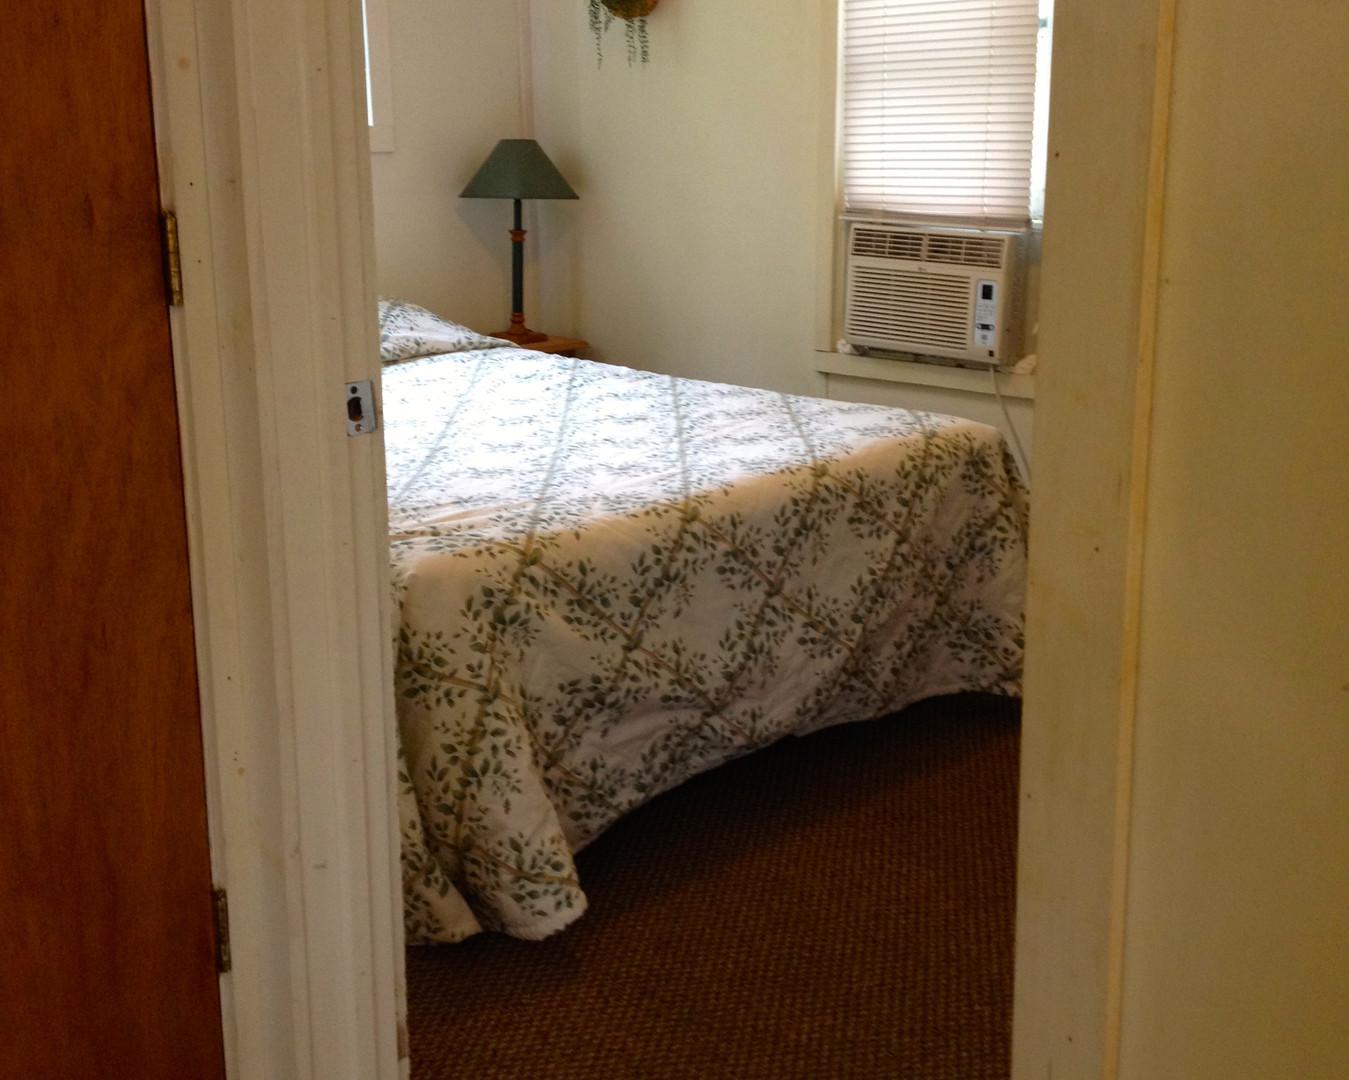 Queen Bedroom with Window AC Unit